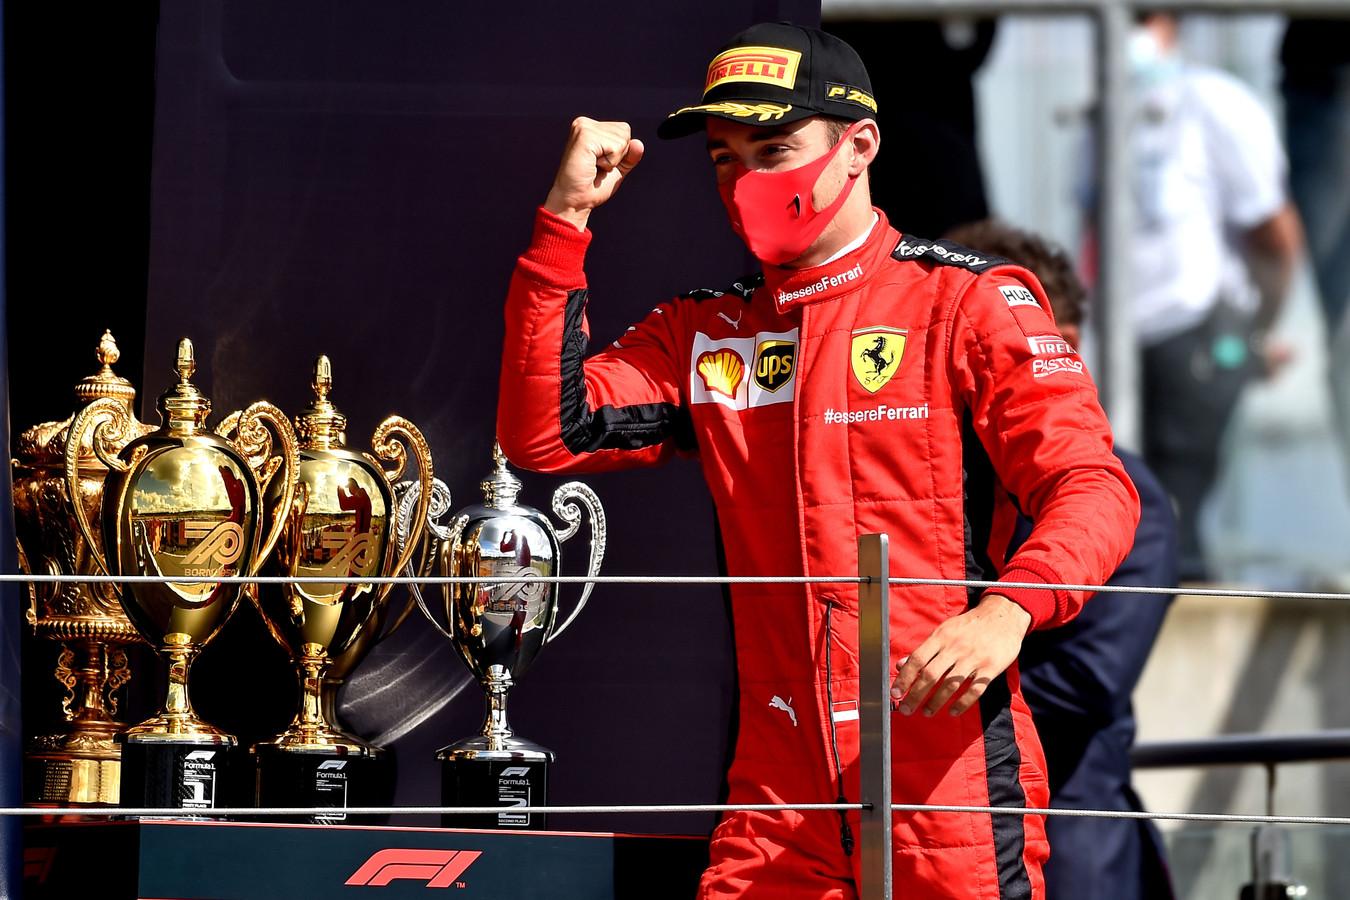 Formula 1 - Gran Premio di Gran Bretagna: Ferrari a podio con Leclerc